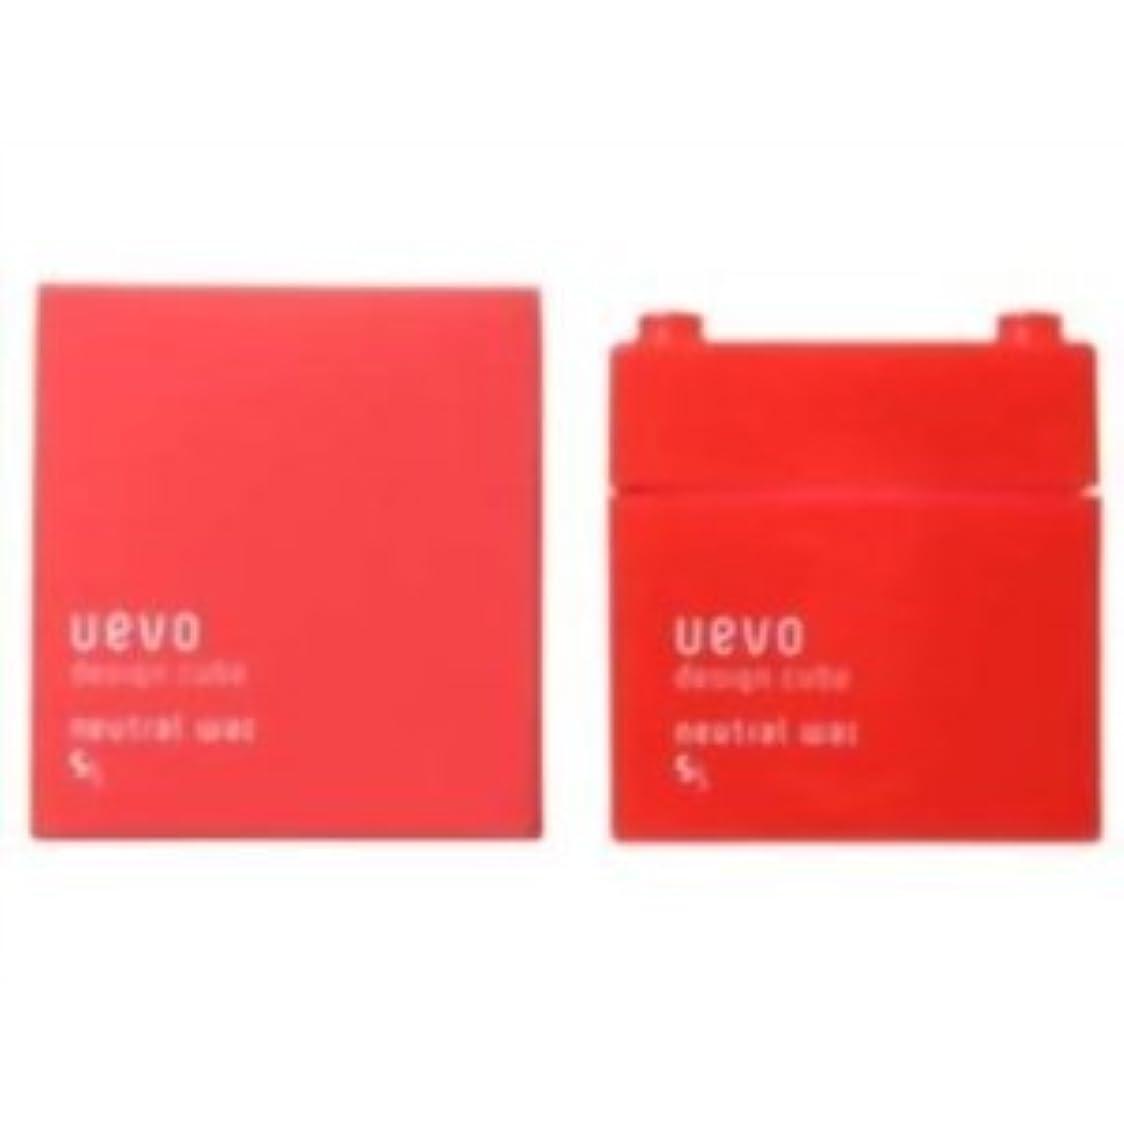 有益絶妙成人期【X2個セット】 デミ ウェーボ デザインキューブ ニュートラルワックス 80g neutral wax DEMI uevo design cube